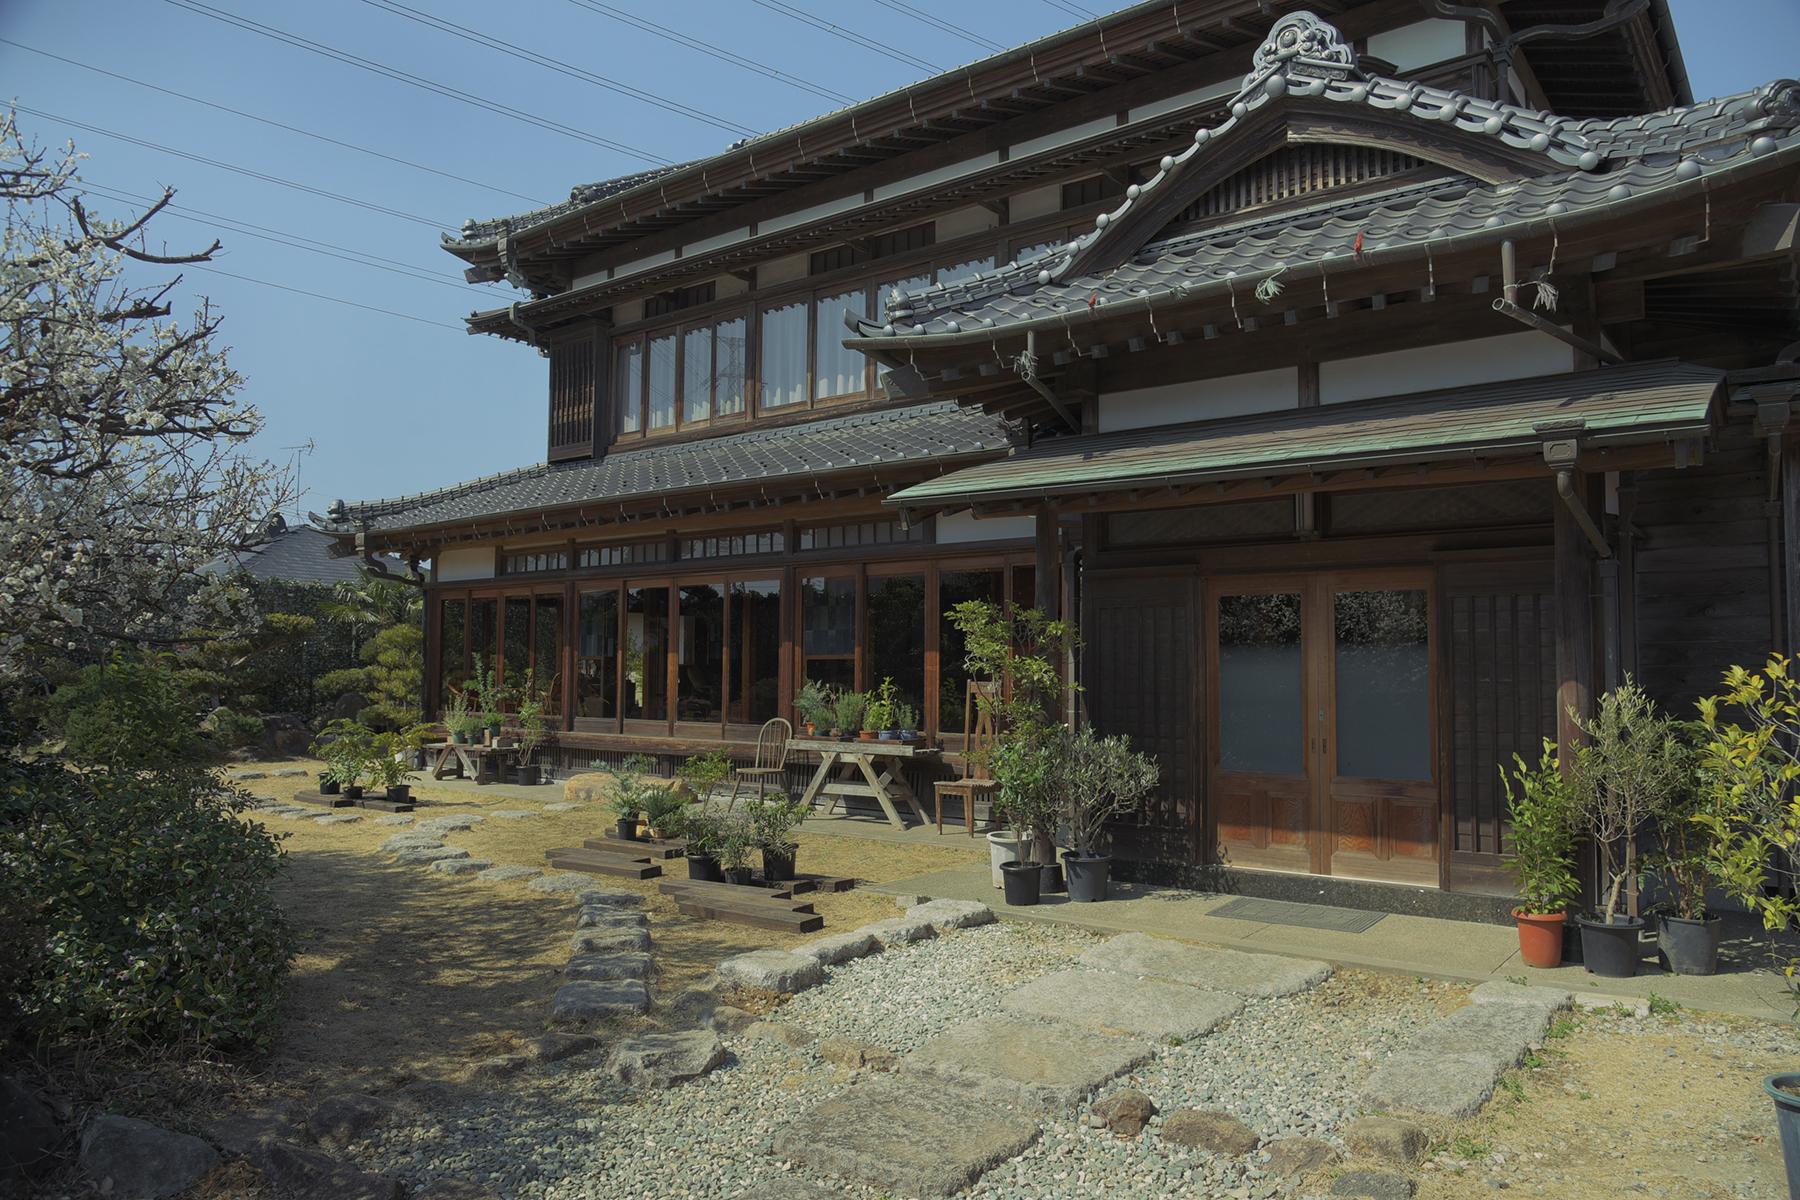 佐倉スタジオ (サクラ スタジオ)縁側と居間 洋風の設え